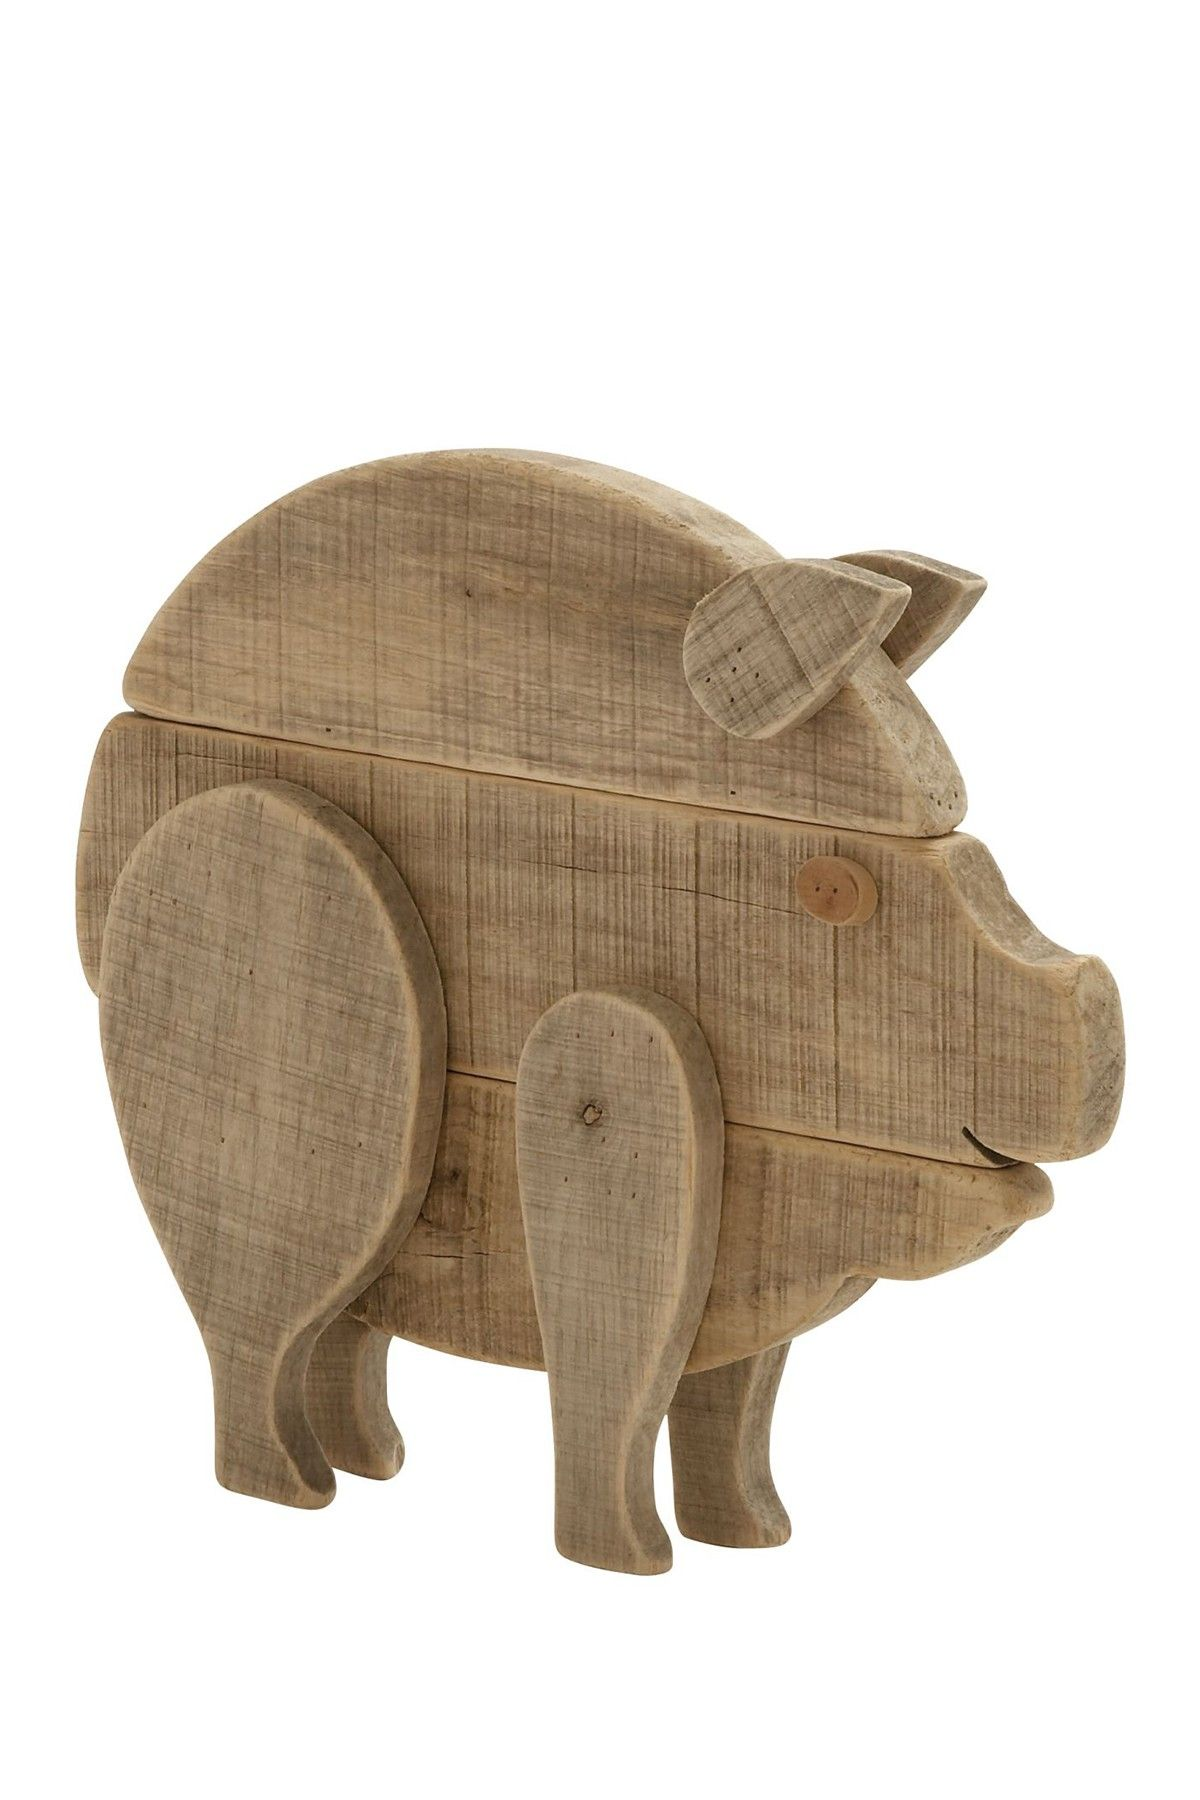 Les 25 meilleures id es de la cat gorie papa cochon sur pinterest peppa pig id e d - Papa cochon a la piscine ...